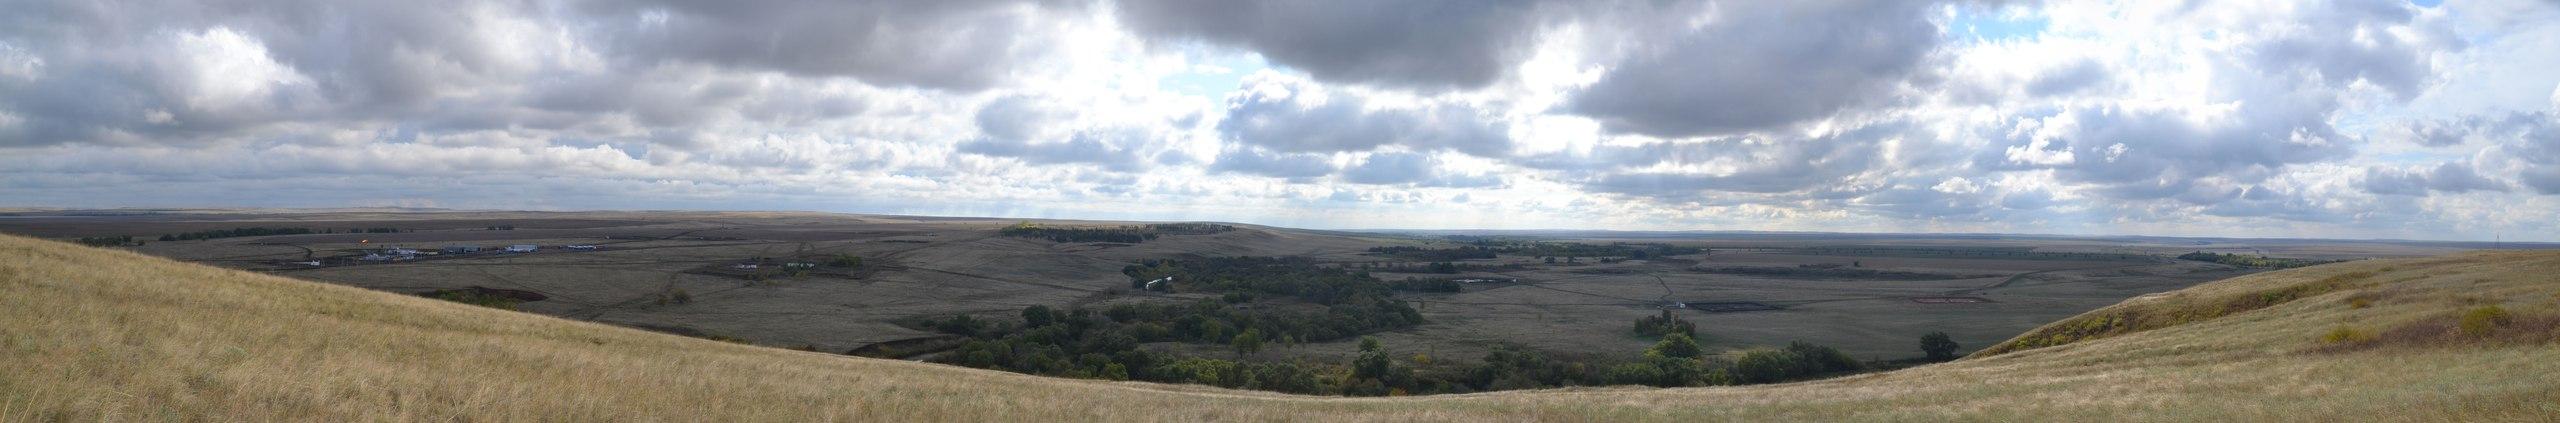 Панорама ландшафта Боголюбовского нефтяного месторождения в Новосергиевском районе